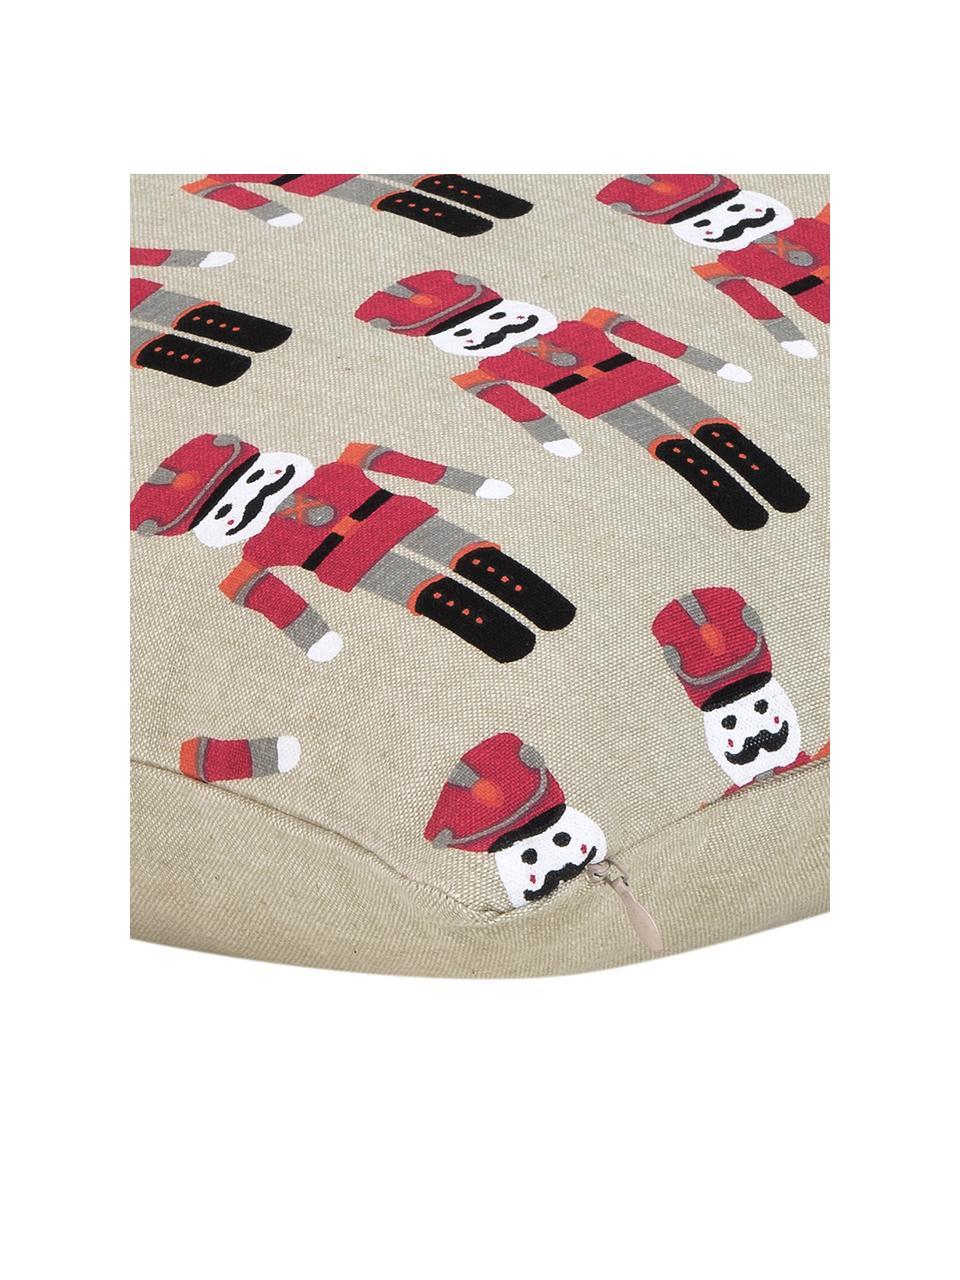 Poszewka na poduszkę Nutcracker, Bawełna, Beżowy, czerwony, S 45 x D 45 cm